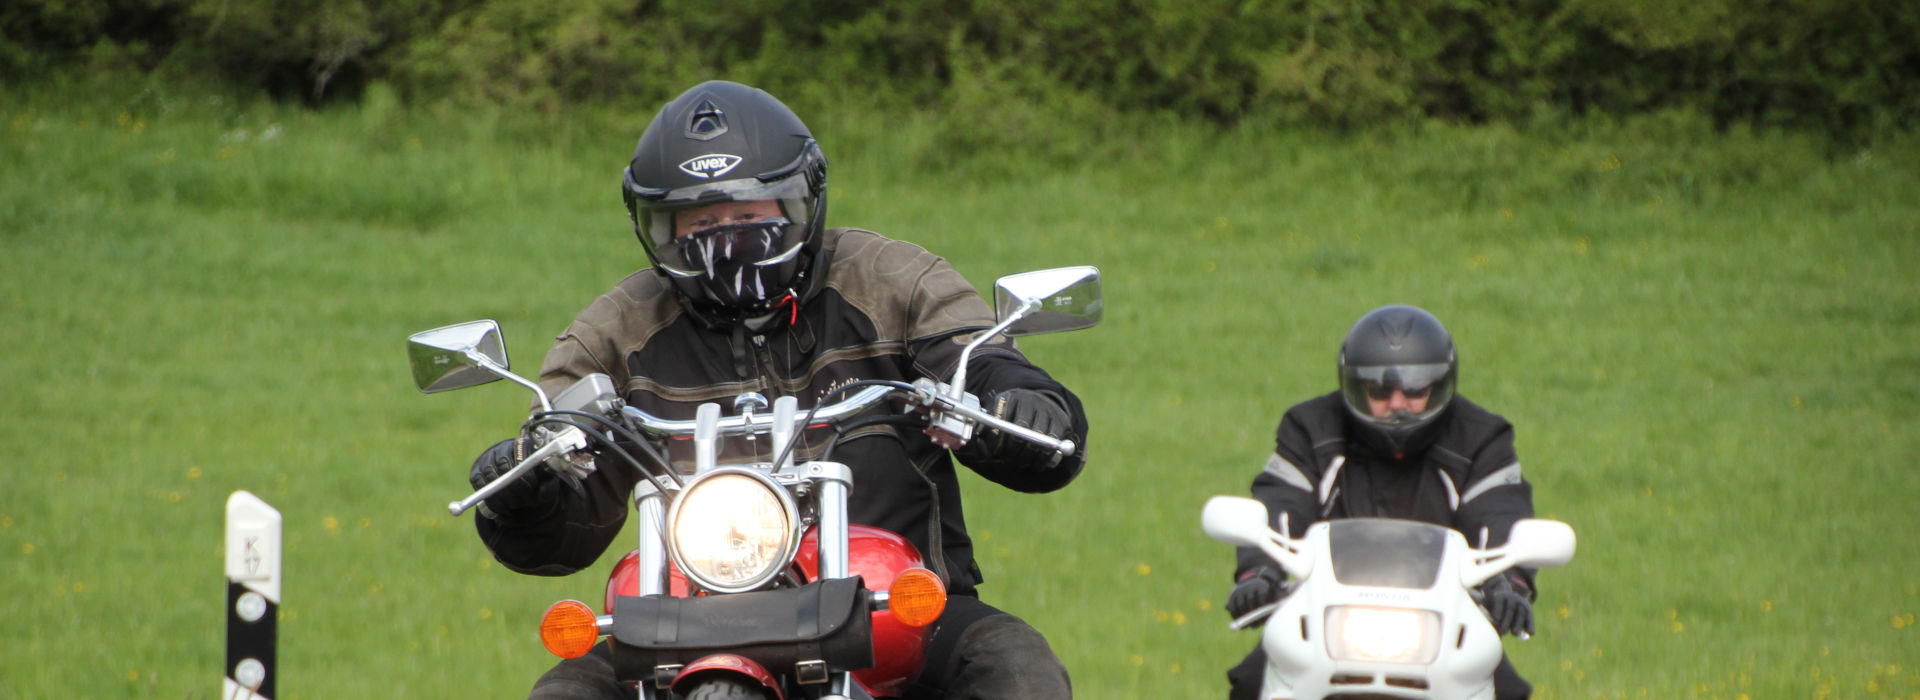 Motorrijbewijspoint Naaldwijk snel motorrijbewijs halen